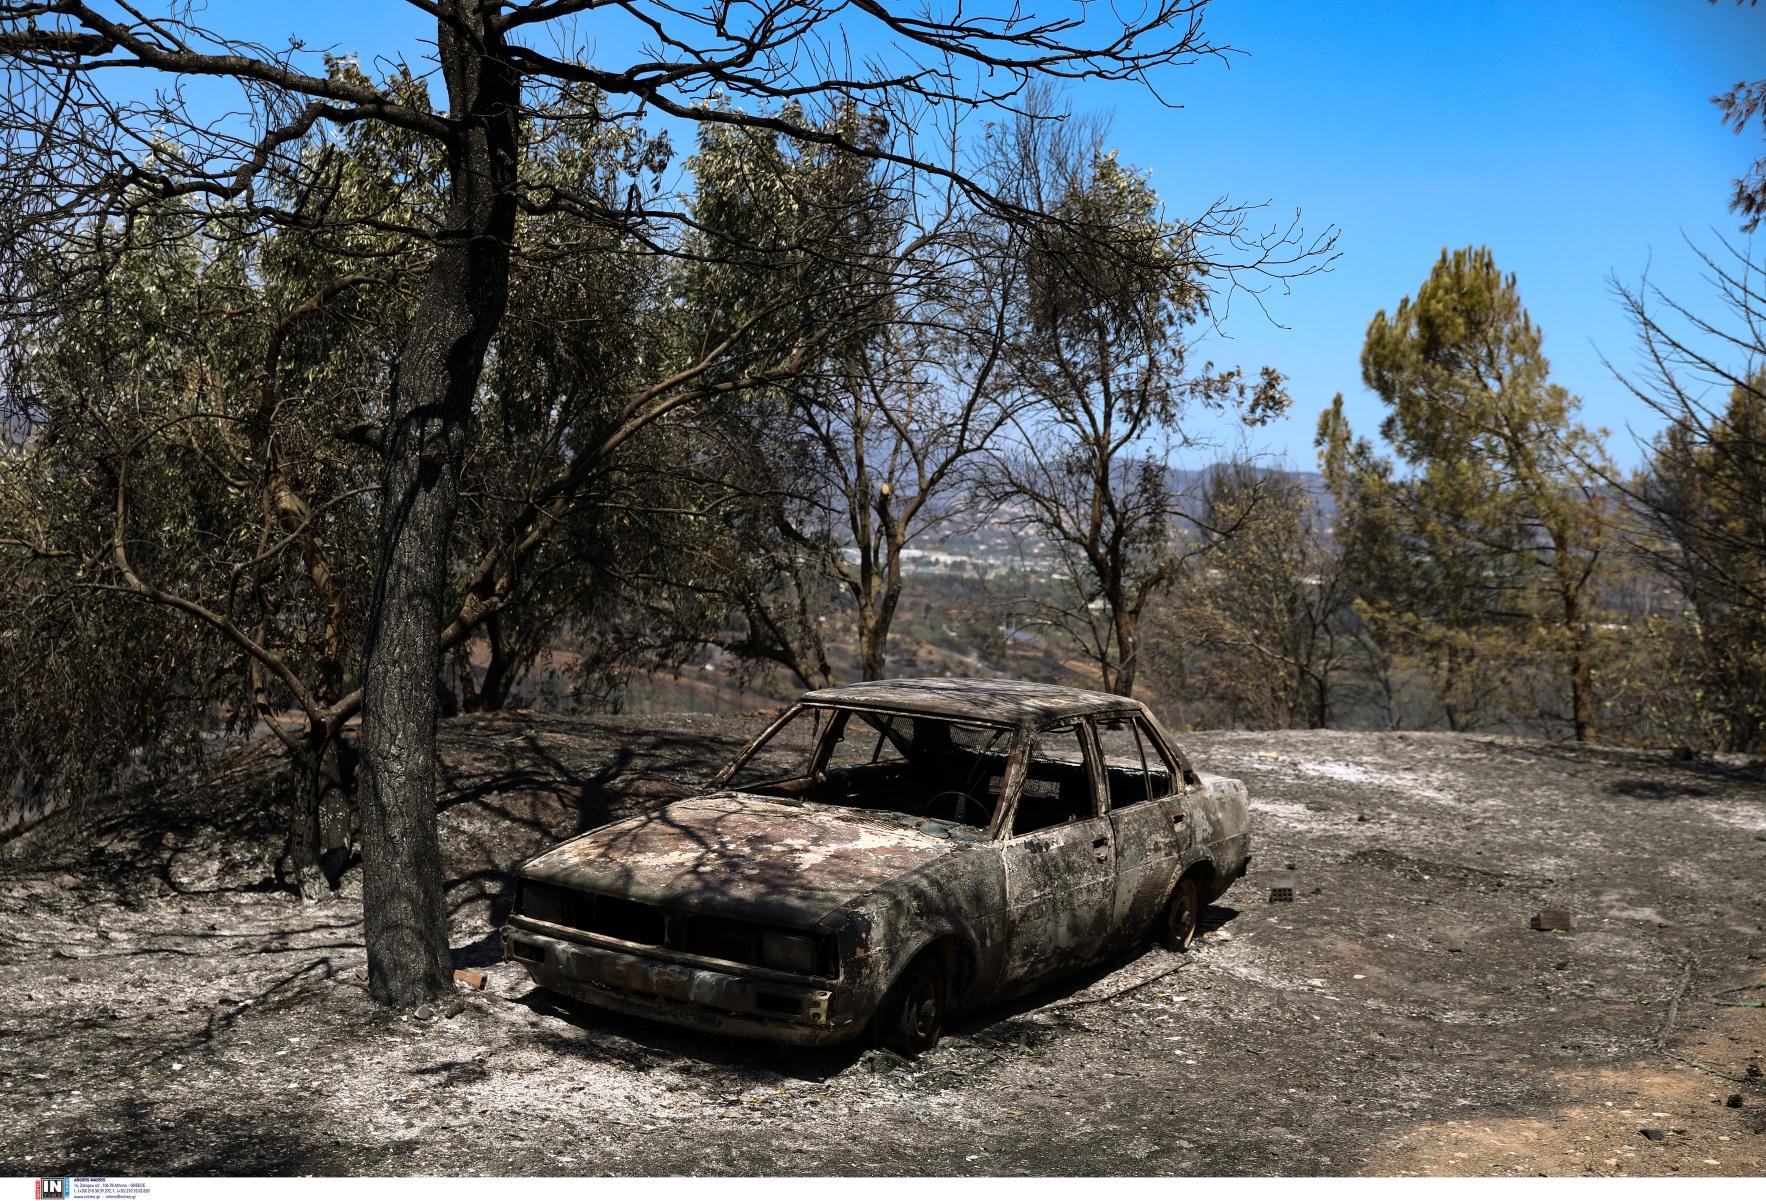 Φωτιές: Αγοράζουν καμένα ΙΧ από τις πληγείσες περιοχές για να «νομιμοποιήσουν» κλεμμένα